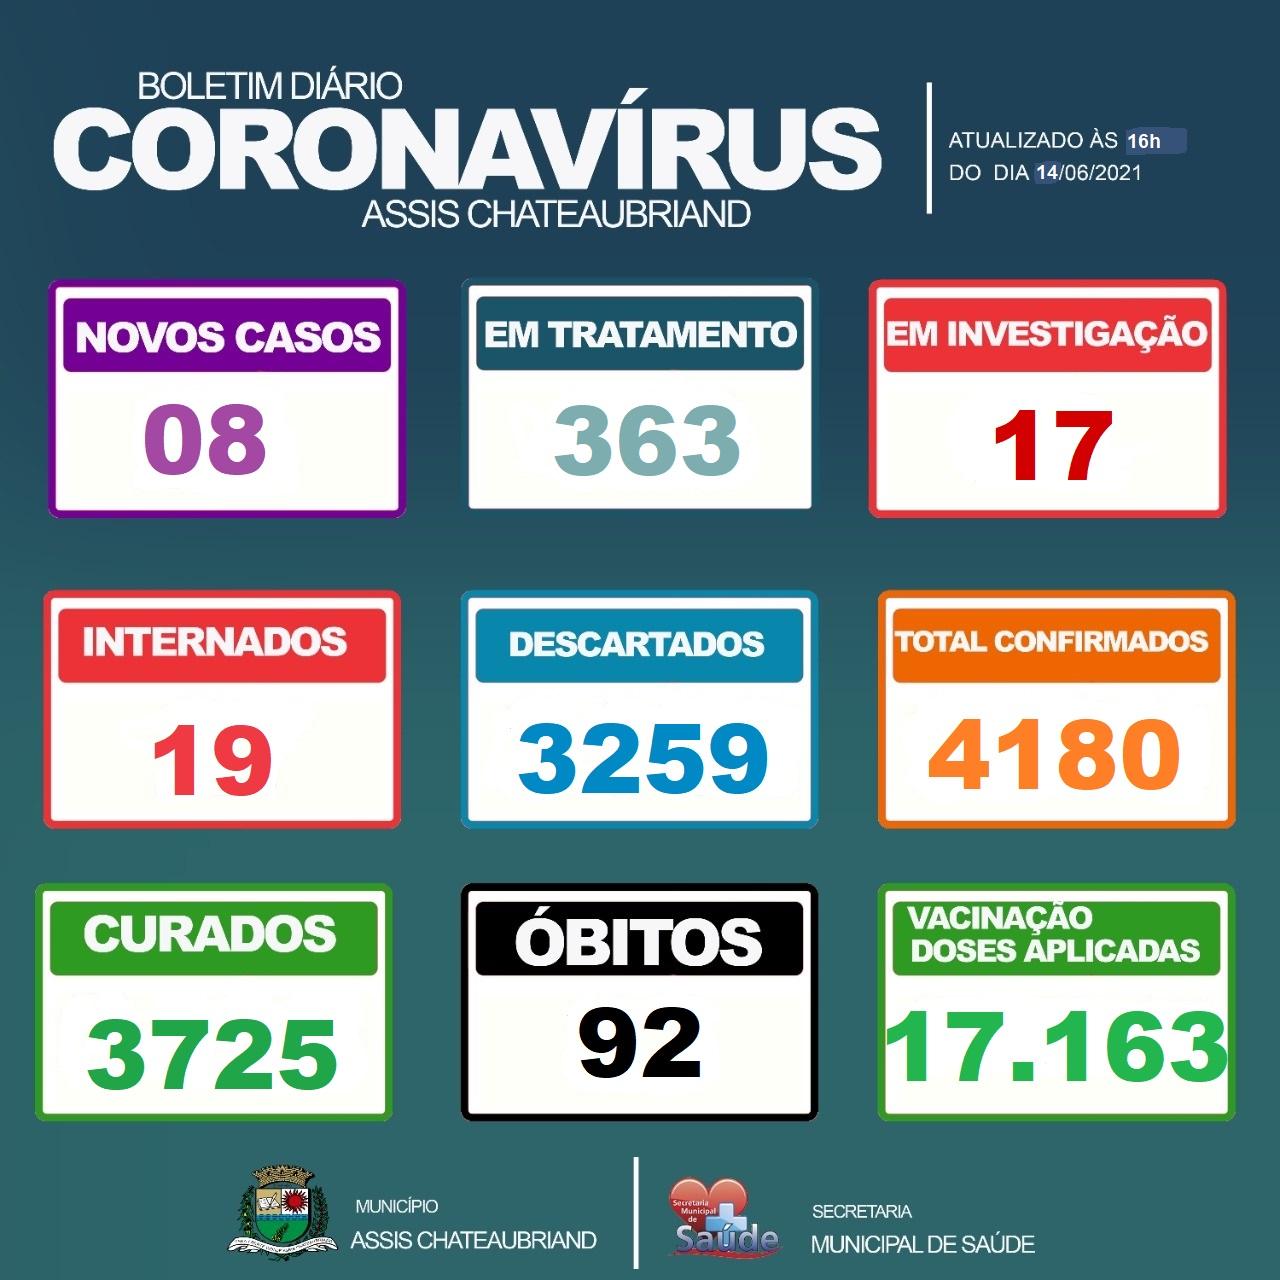 91º e 92º óbito por complicações do Covid-19 são confirmados em Assis Chateaubriand